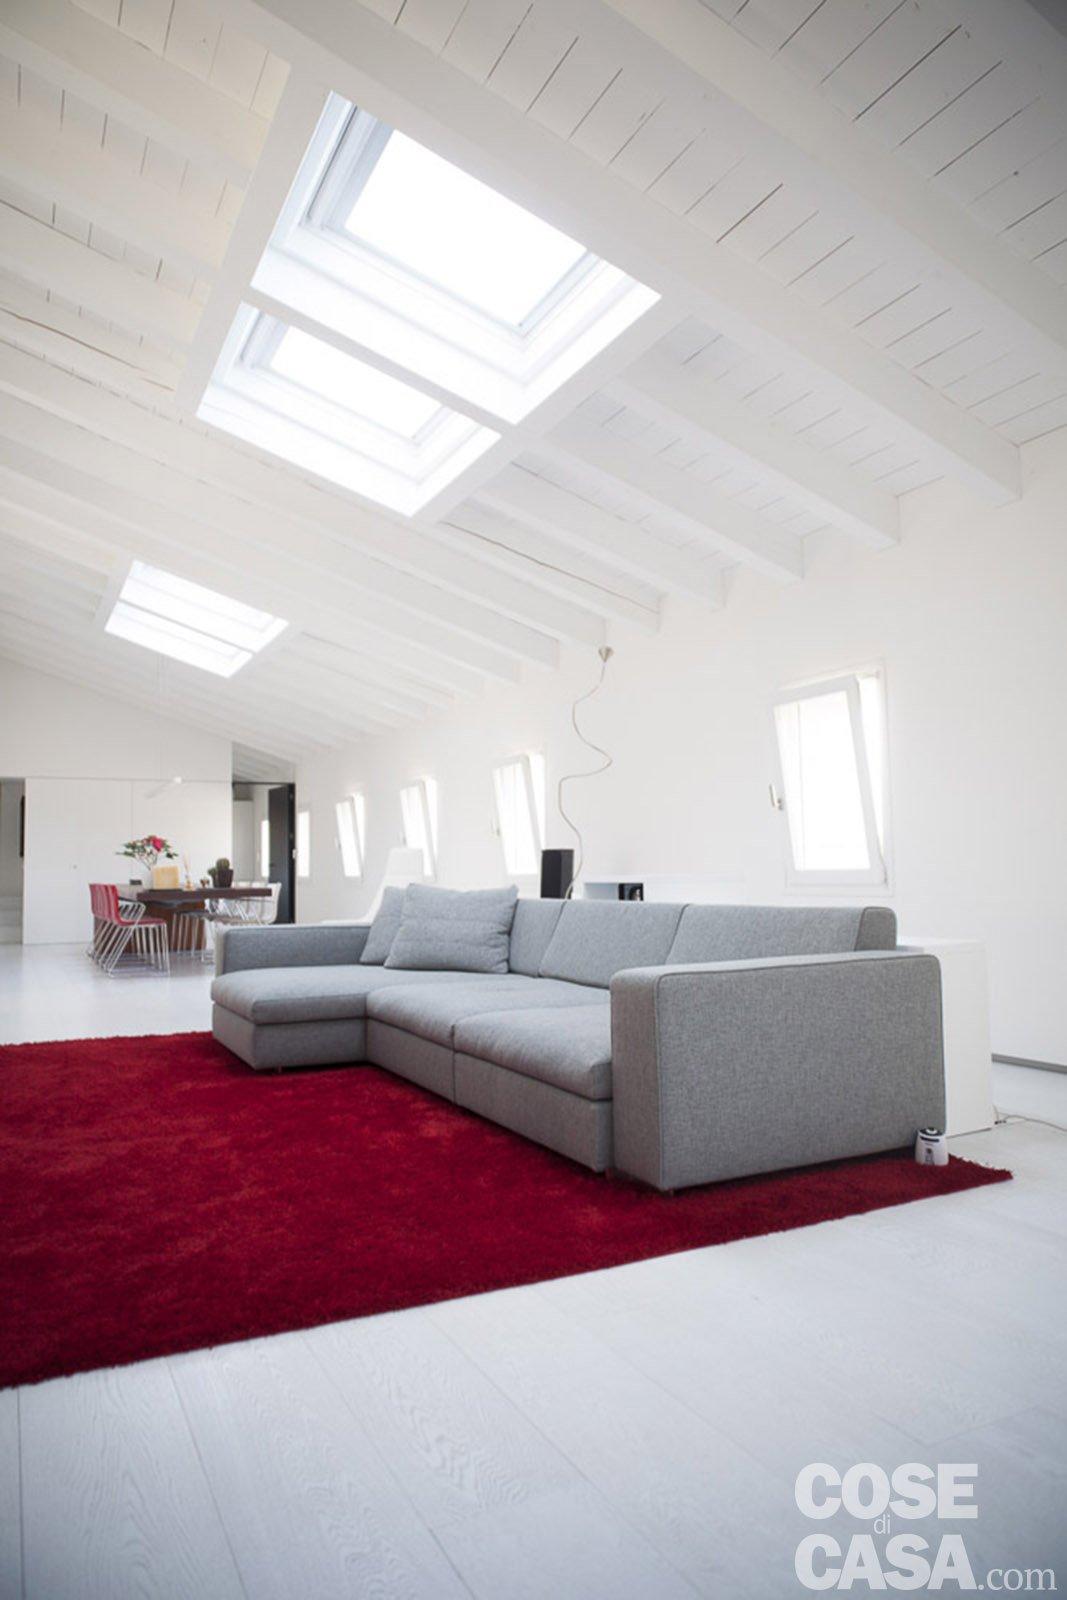 Una casa sottotetto organizzata come loft cose di casa for Come costruisco una casa